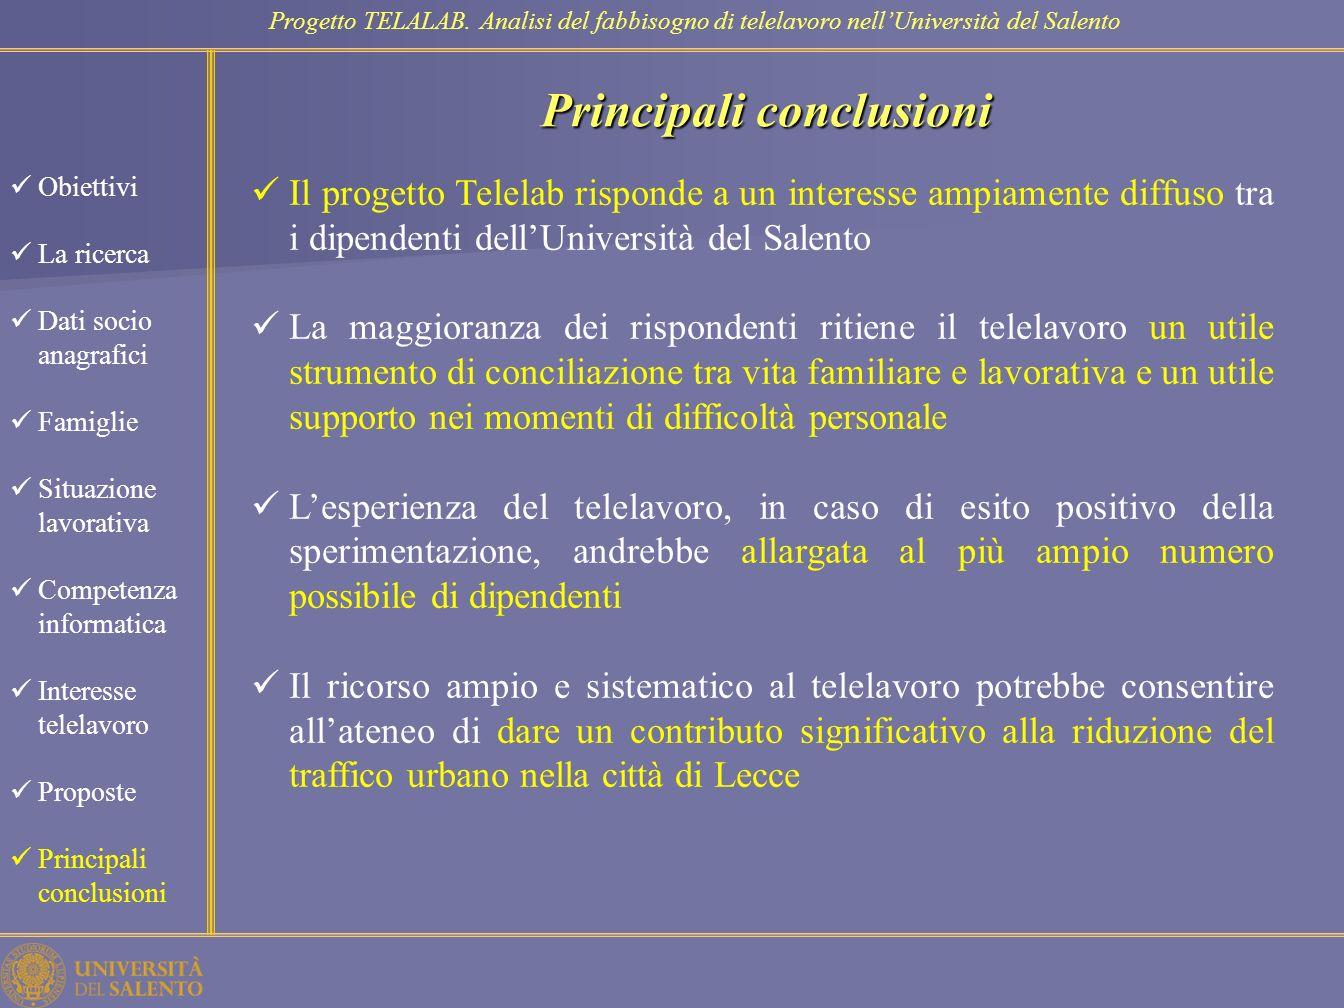 Principali conclusioni